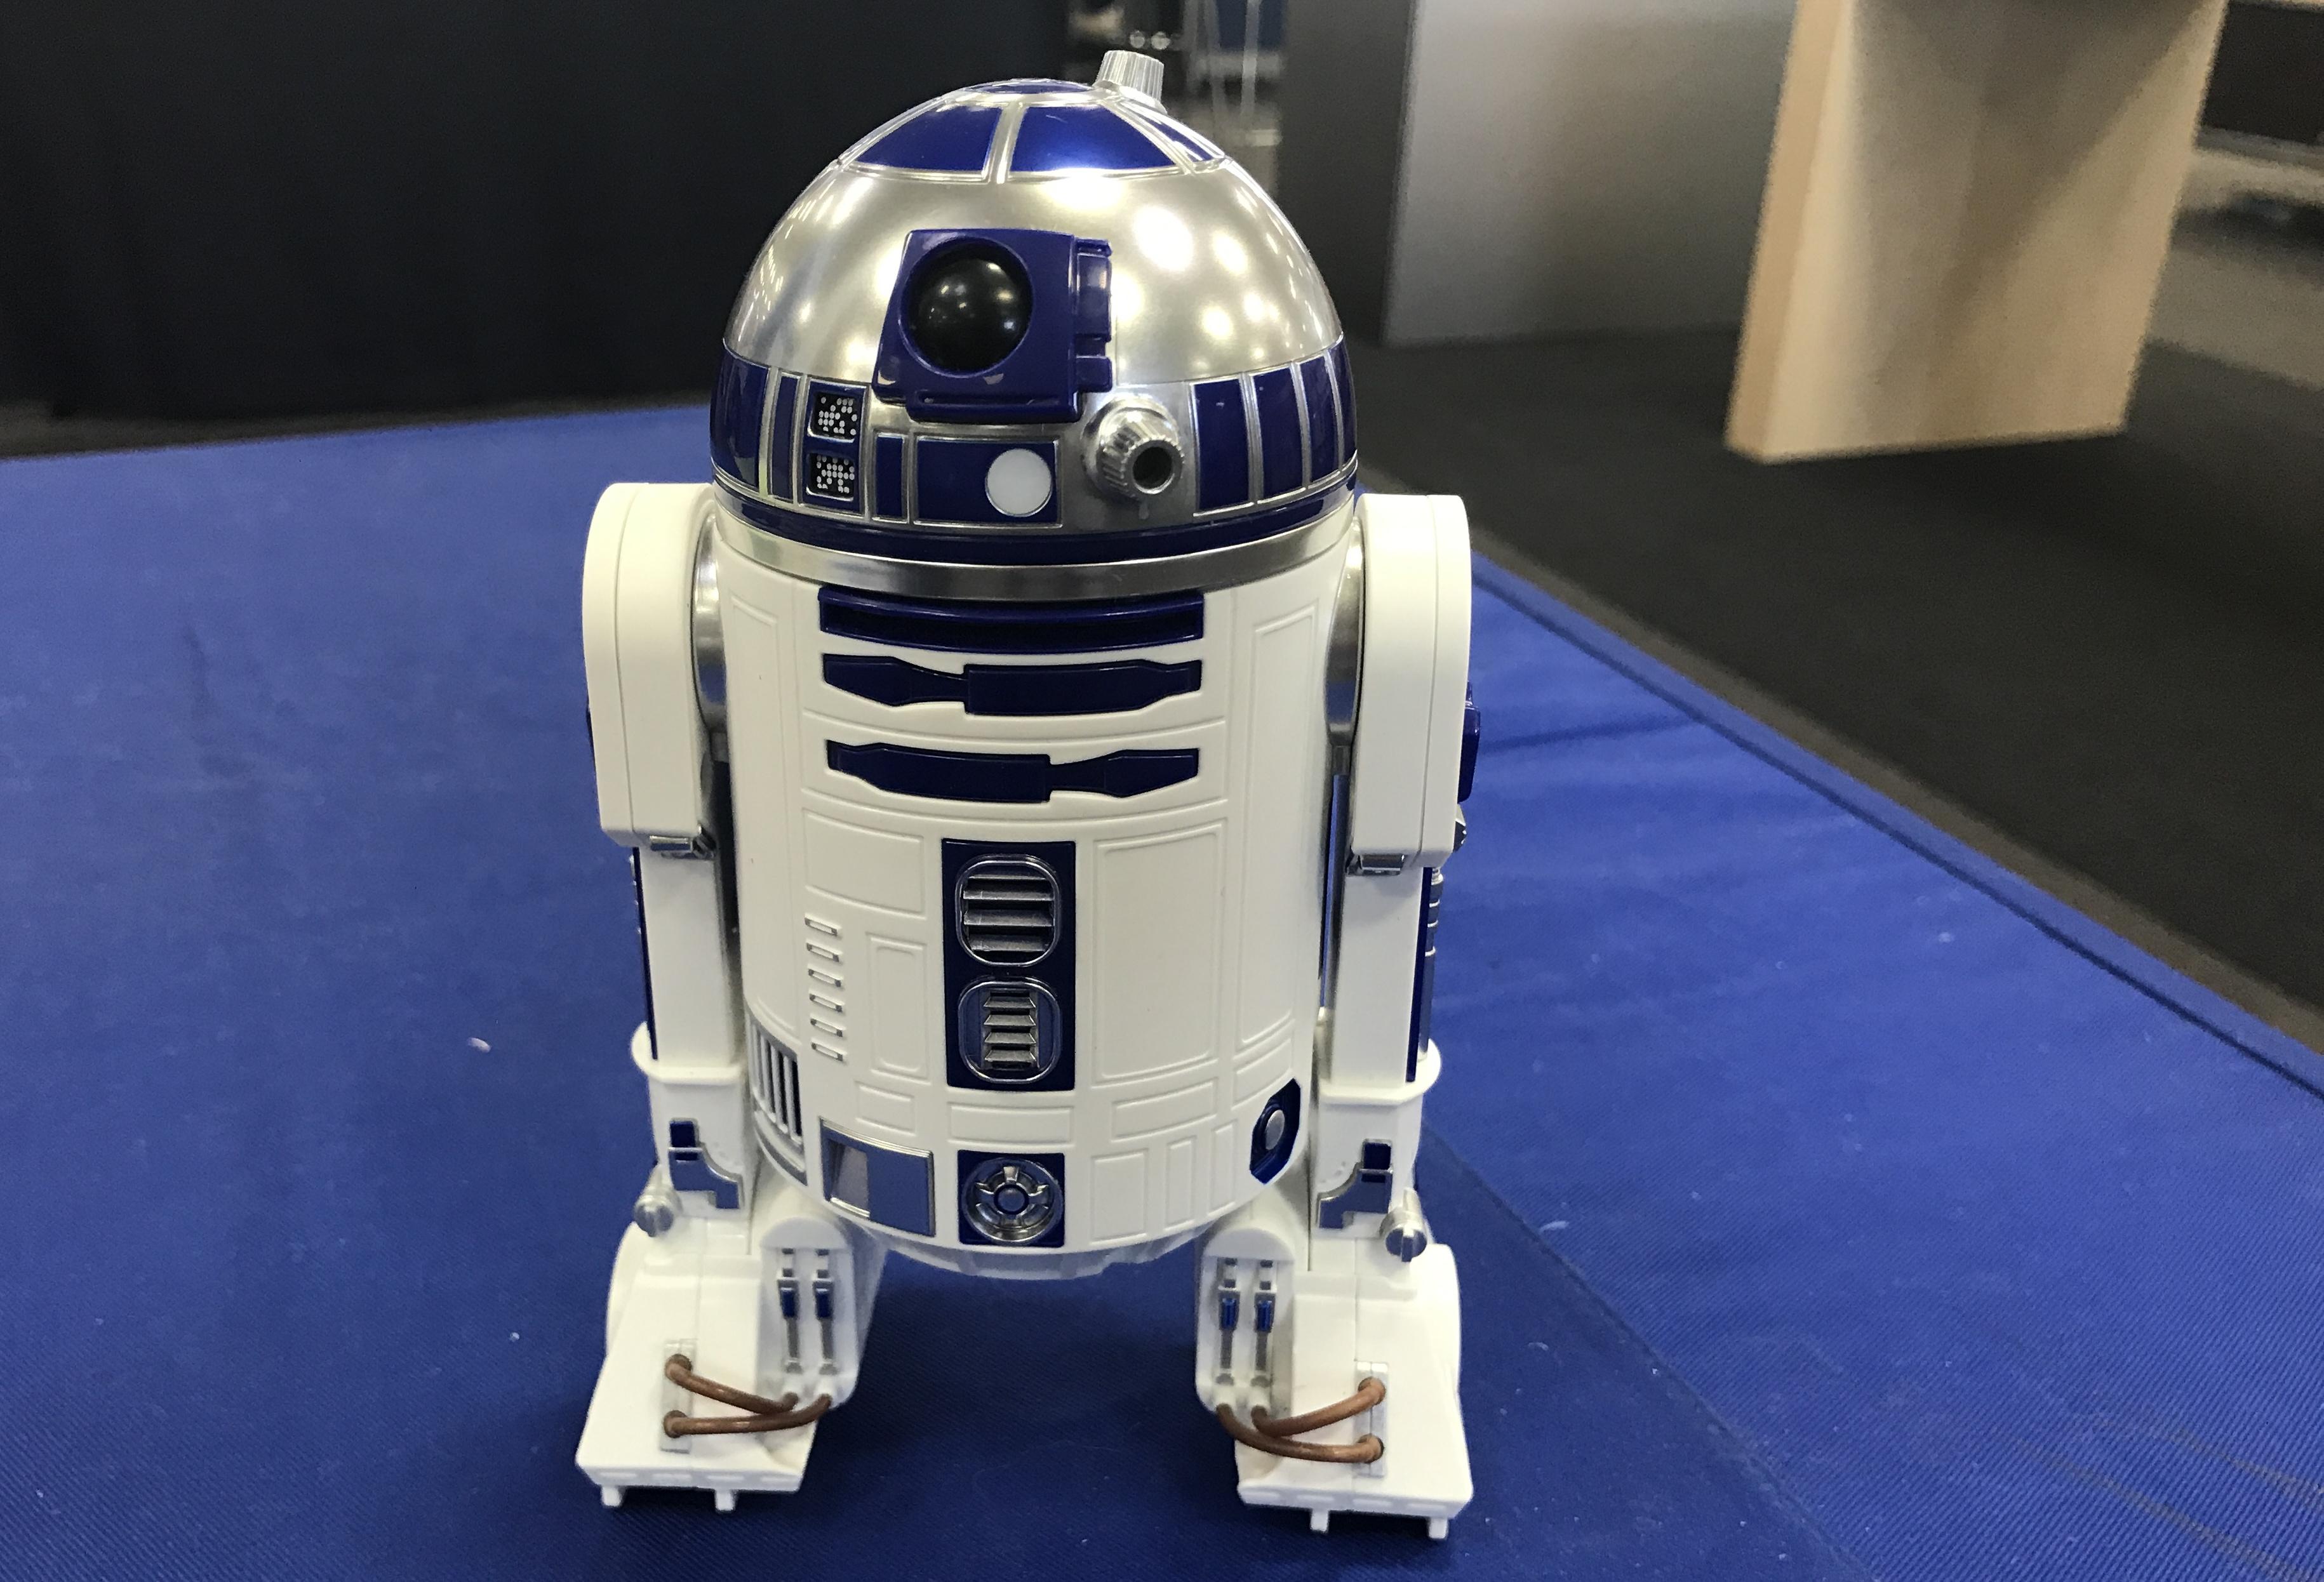 star wars r2d2 sphero droid